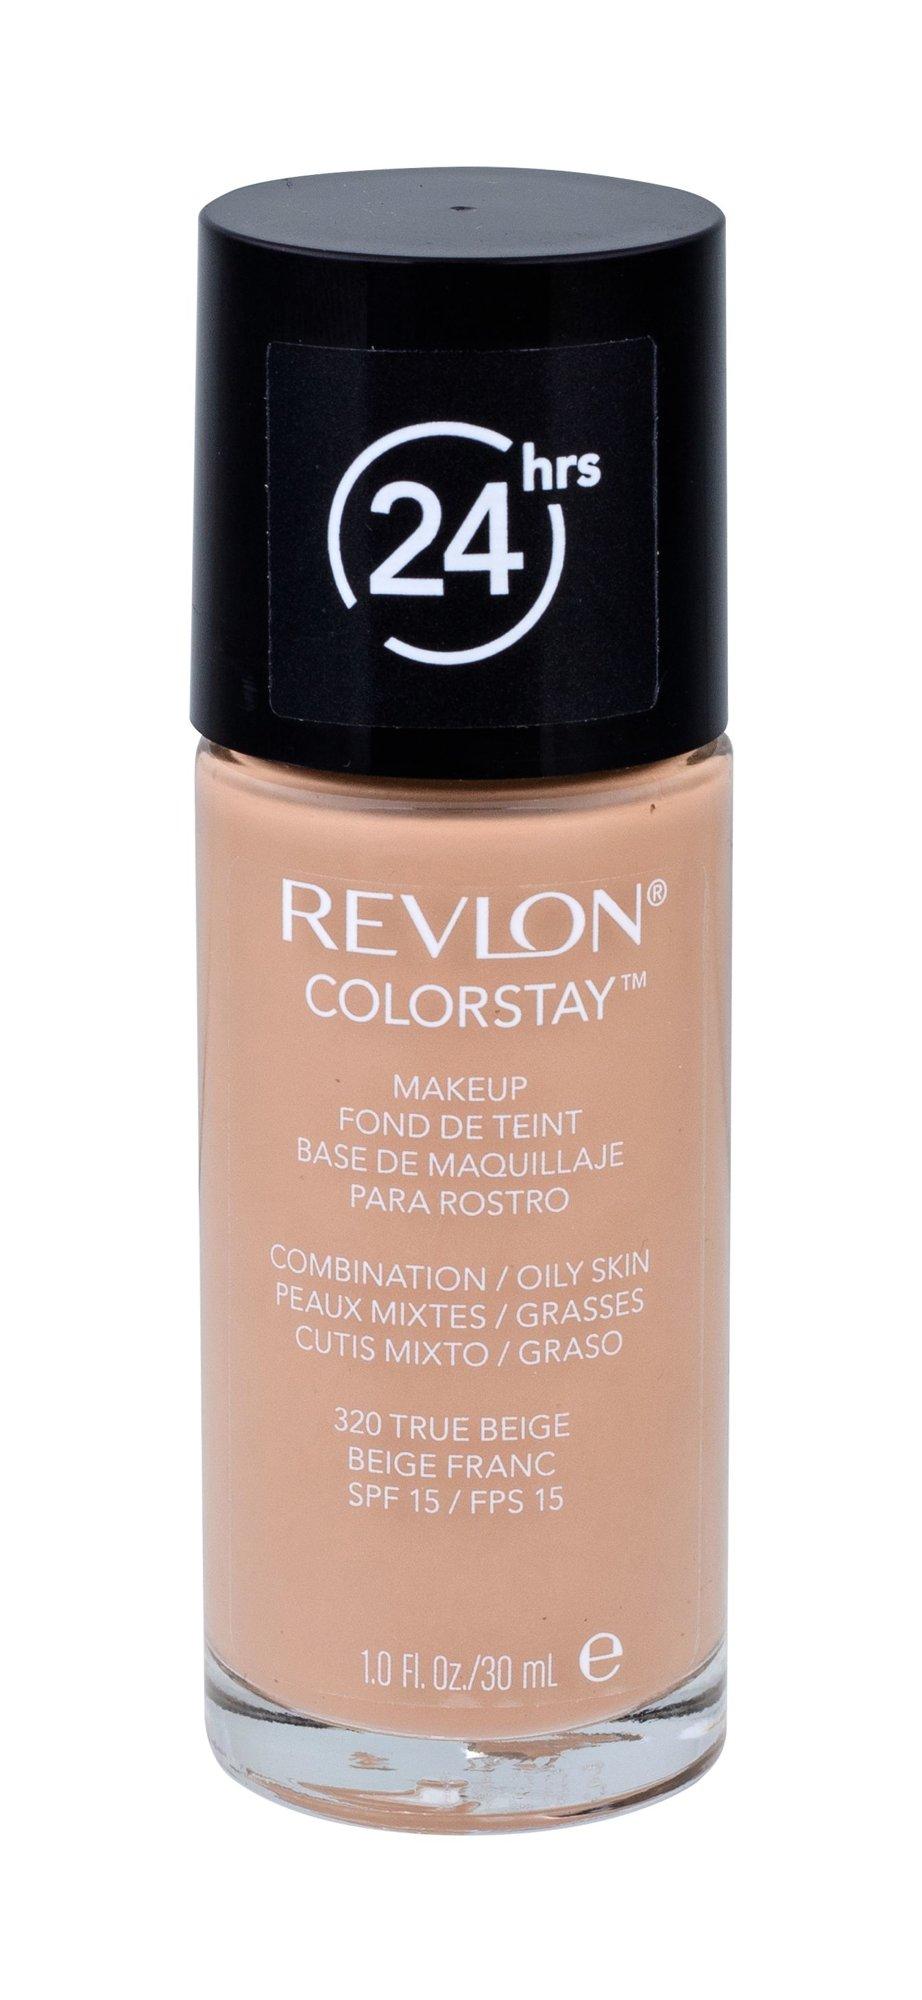 Revlon Colorstay Cosmetic 30ml 320 True Beige